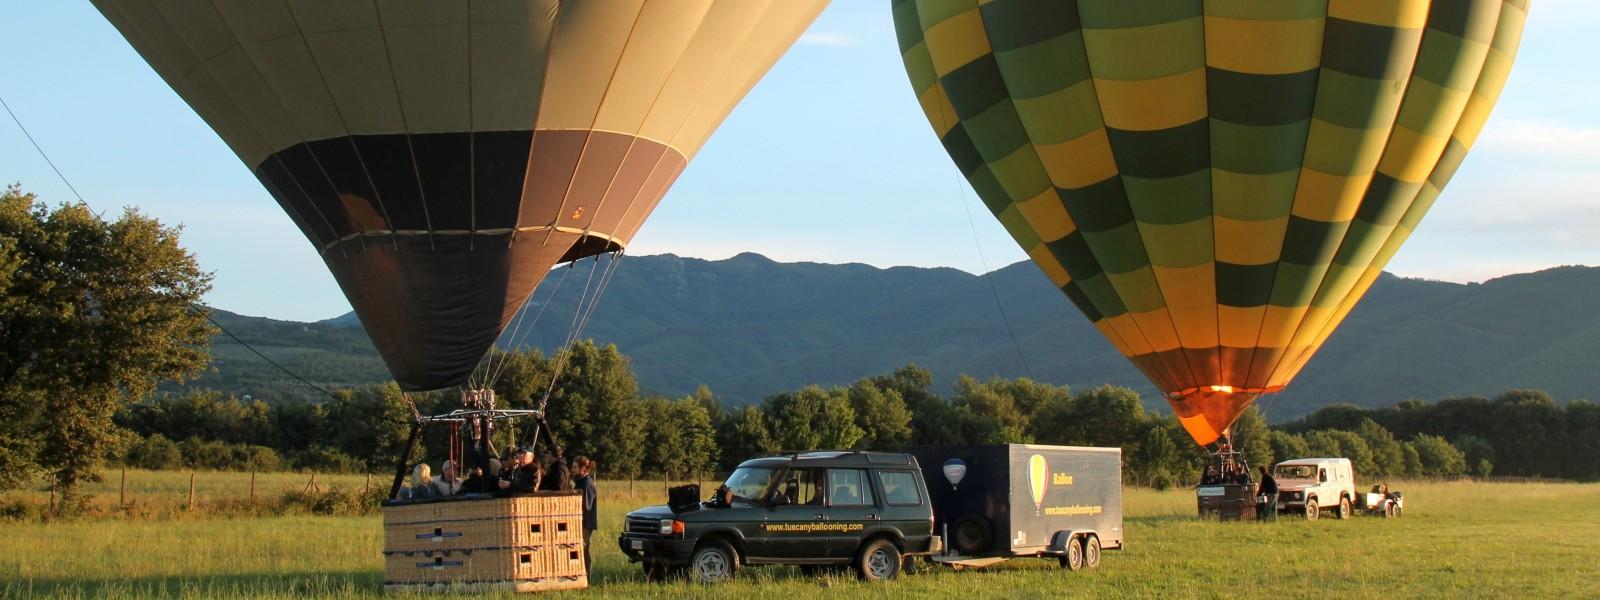 mongolfiere-pronte-al-decollo-volo-gruppo-privato-famiglia-toscana